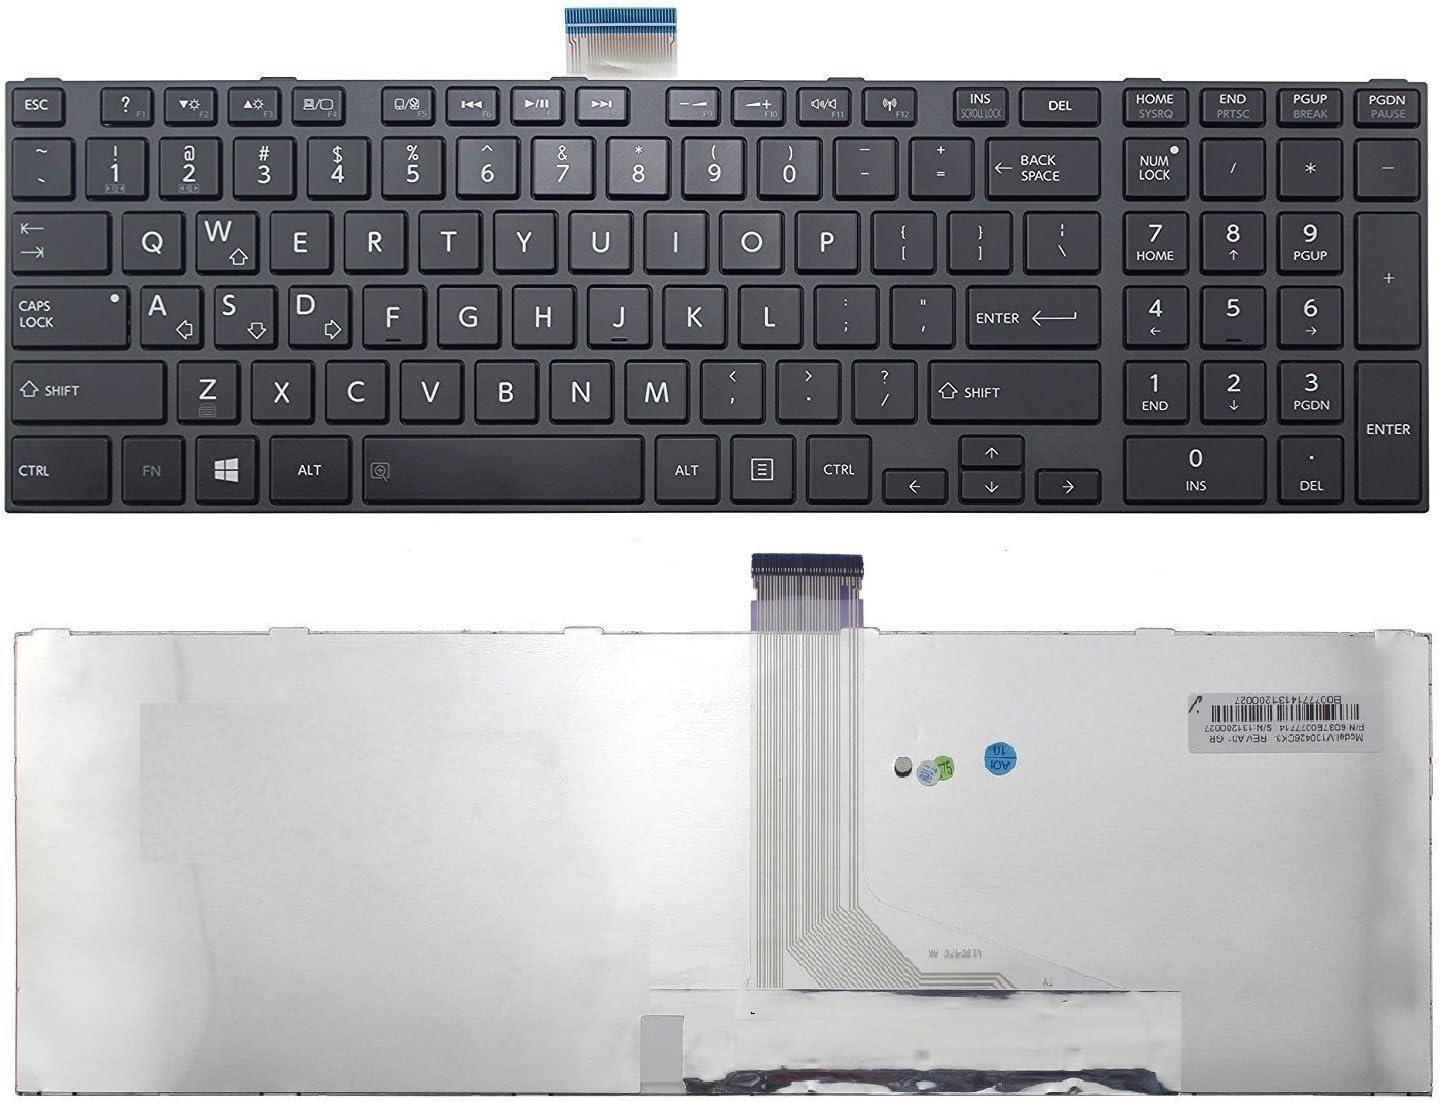 wangpeng New US Black keyboard for Toshiba Satellite L870 L870D L875 L875D